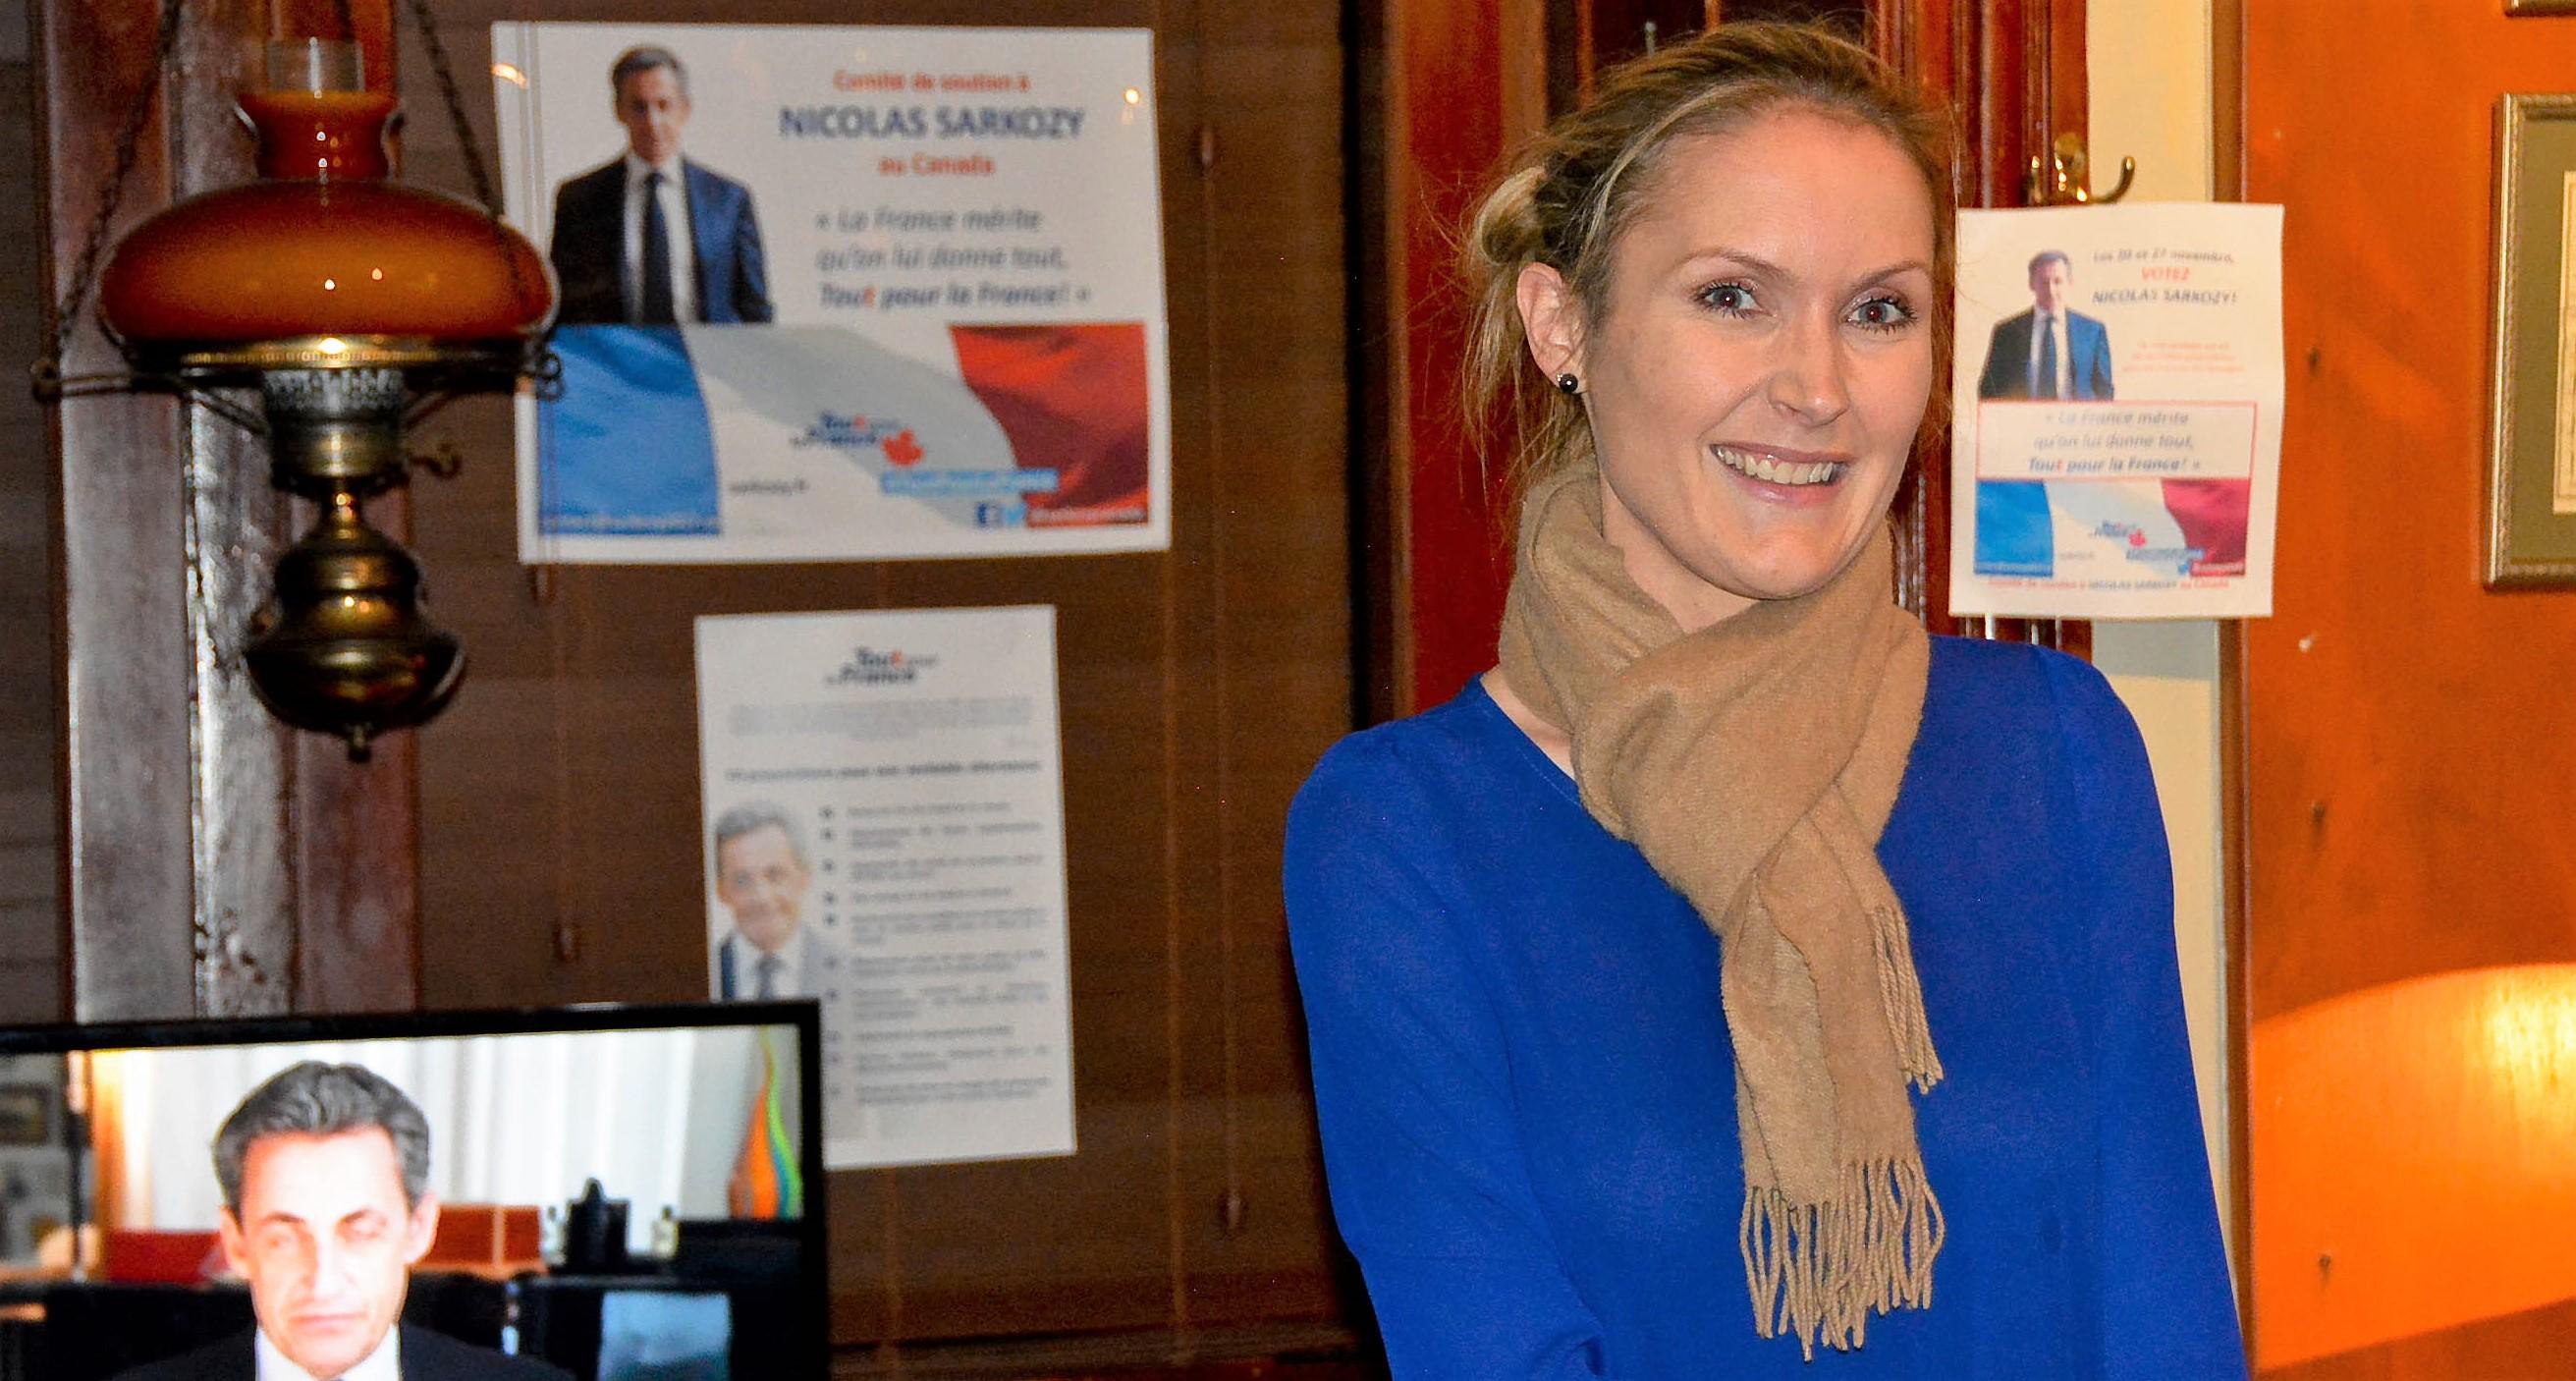 Les Sarkozystes du Canada appellent à voter pour François Fillon (les résultats au Canada)